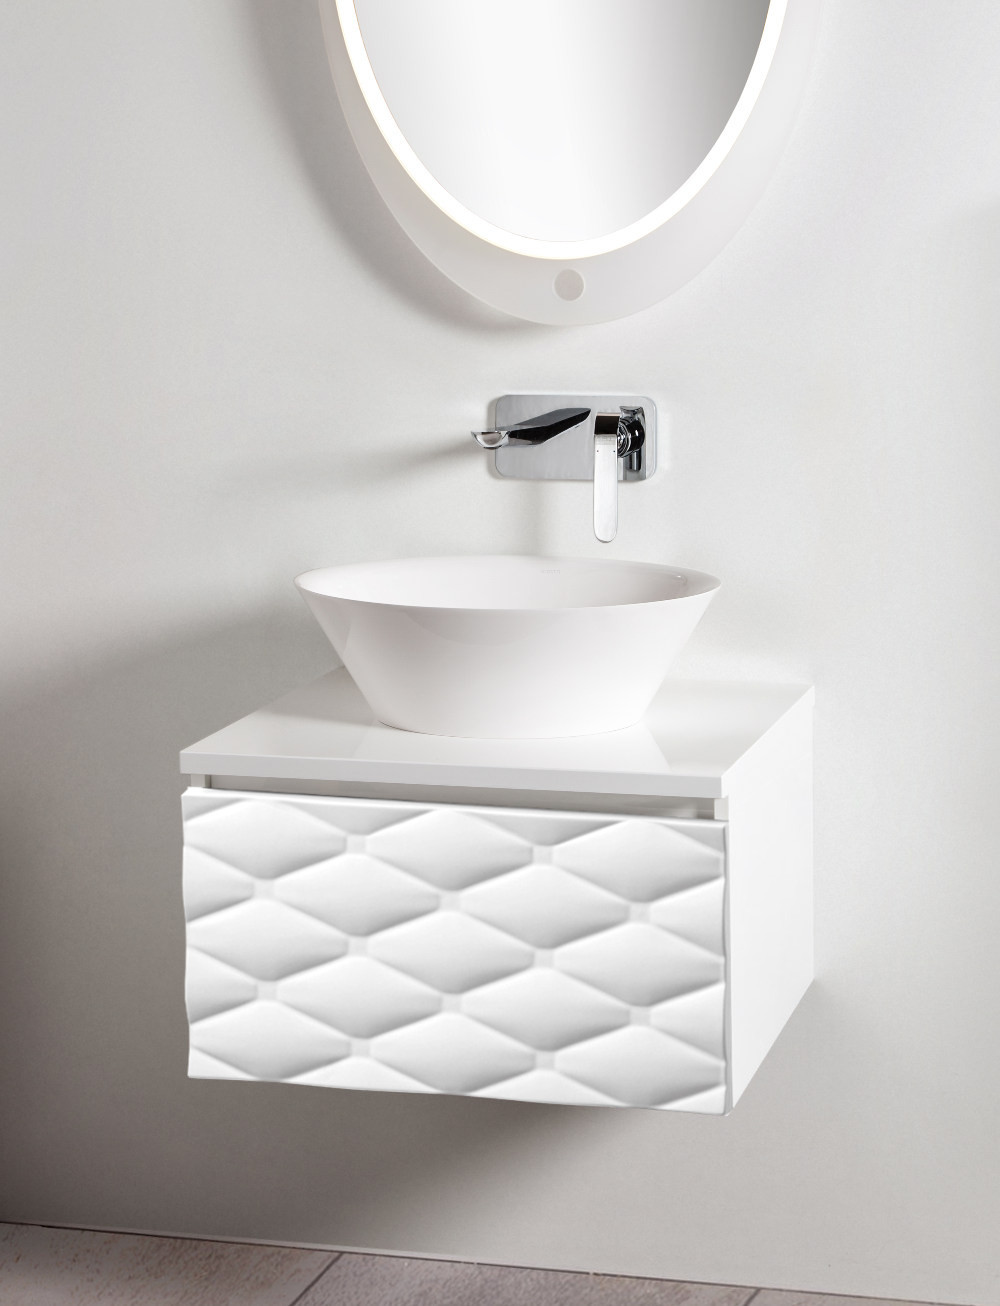 Szafka Lira 60 w kolorze białym z jedną głęboką szufladą i białym blatem.